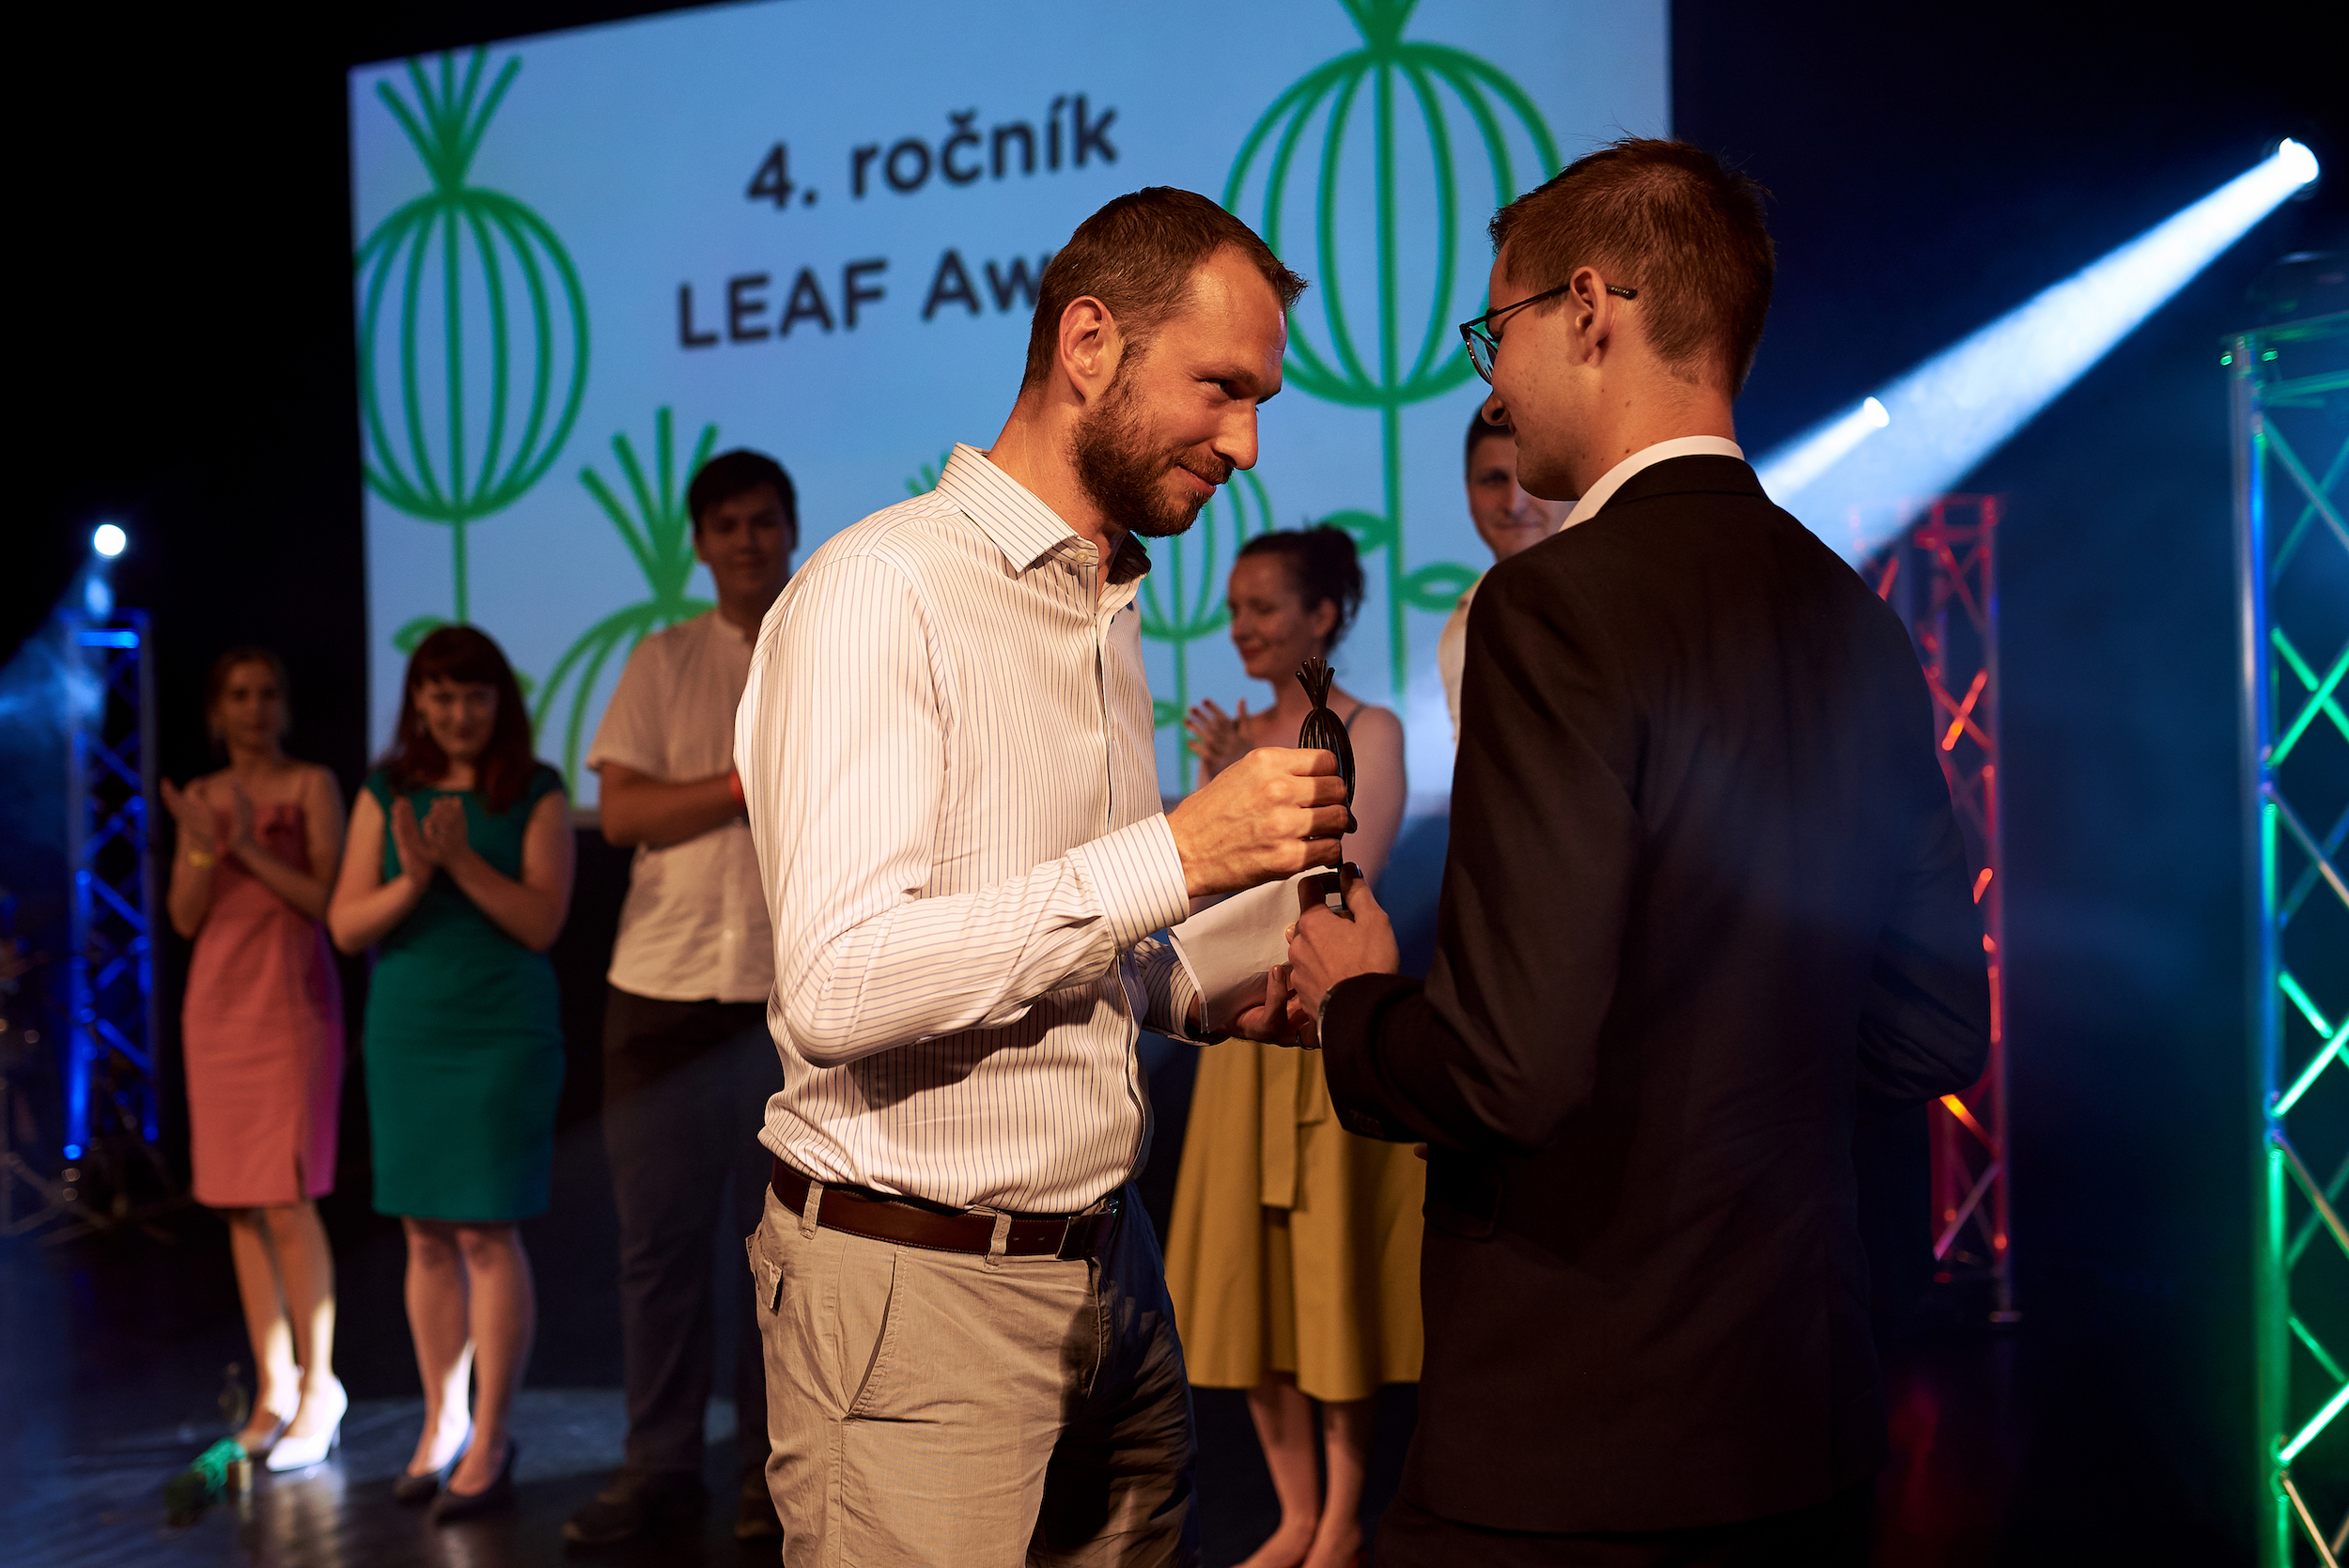 LEAF Award_02